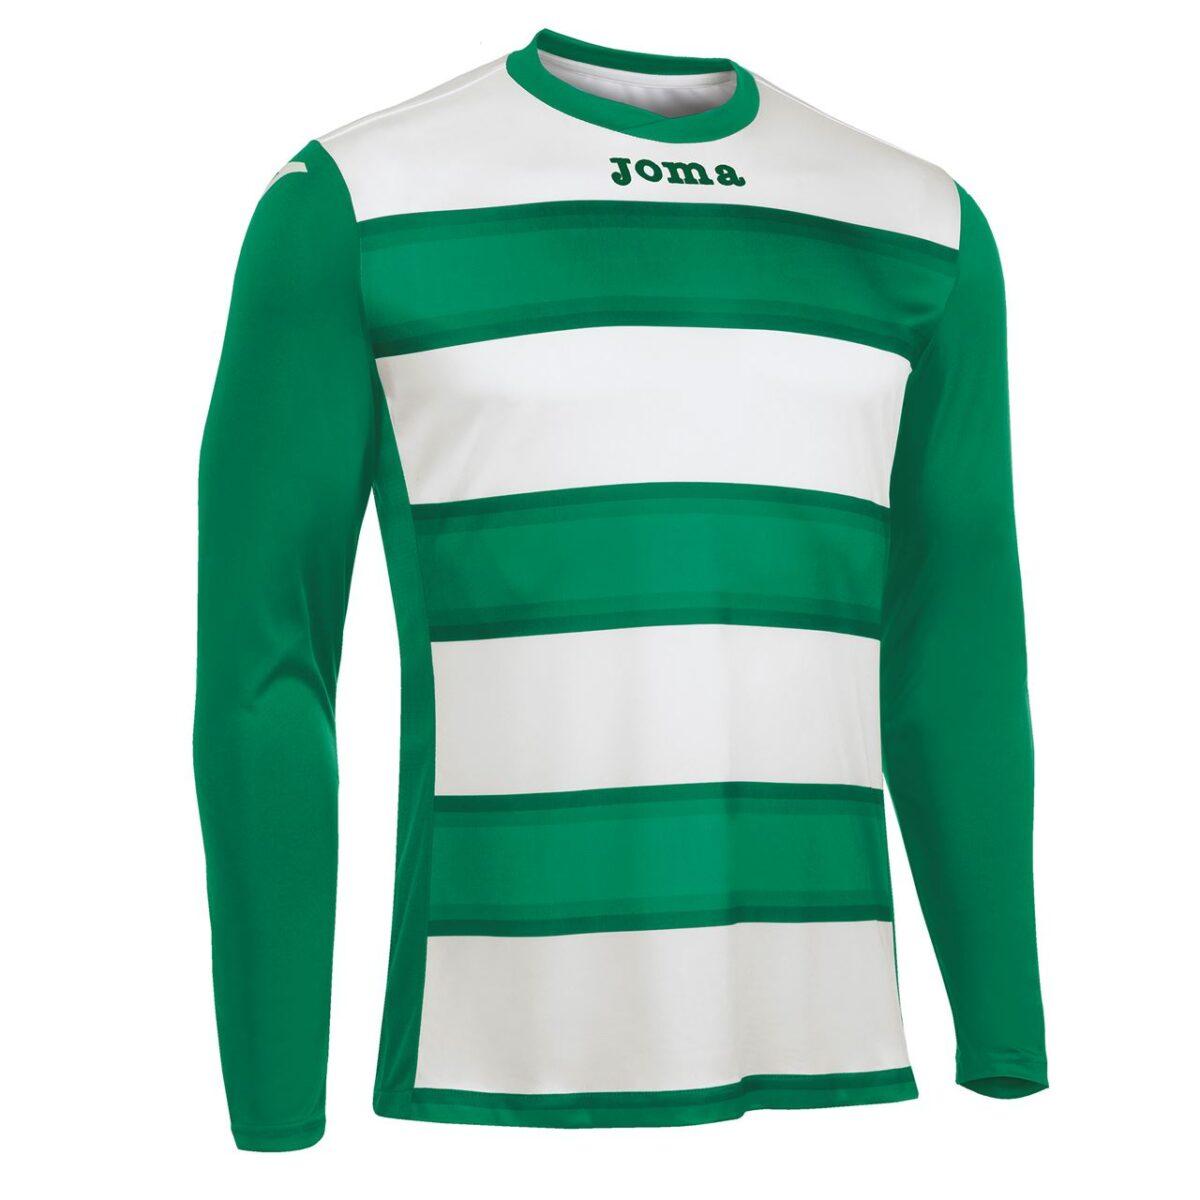 Joma Europa III Adult L/S Football Shirt 100406